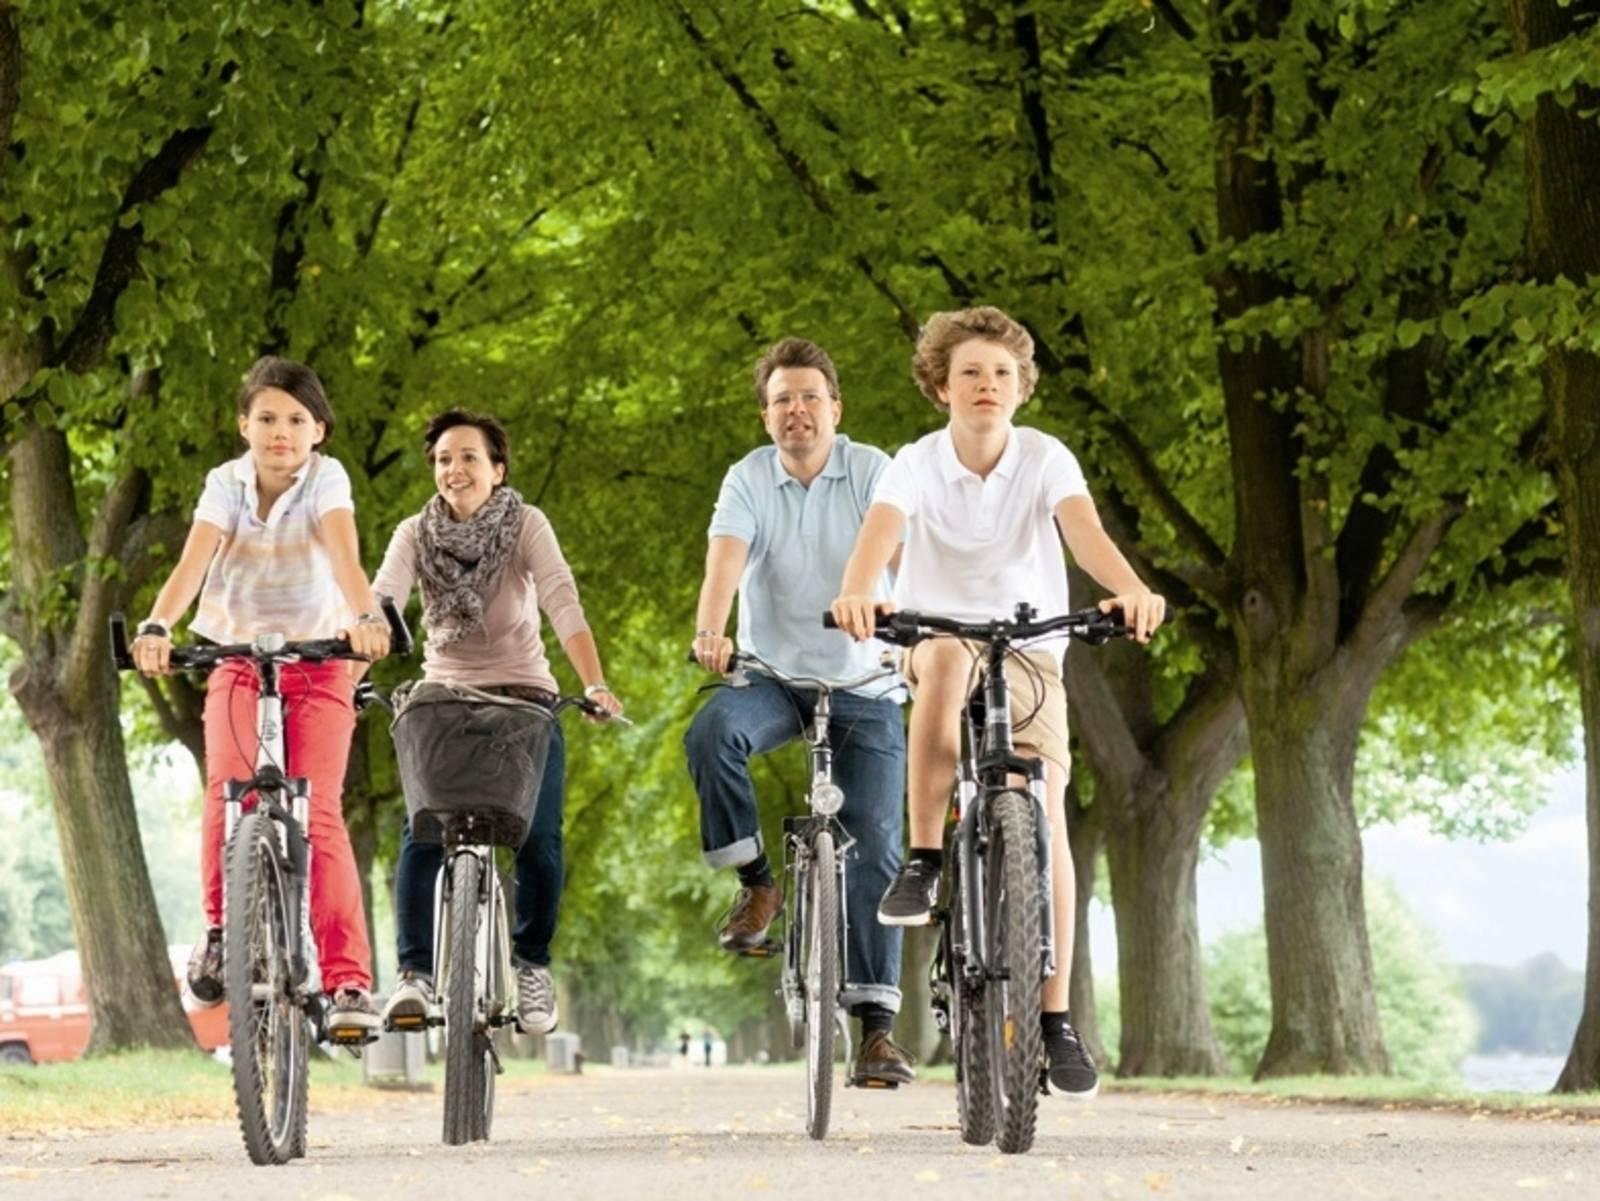 Familie fährt Rad am Maschsee